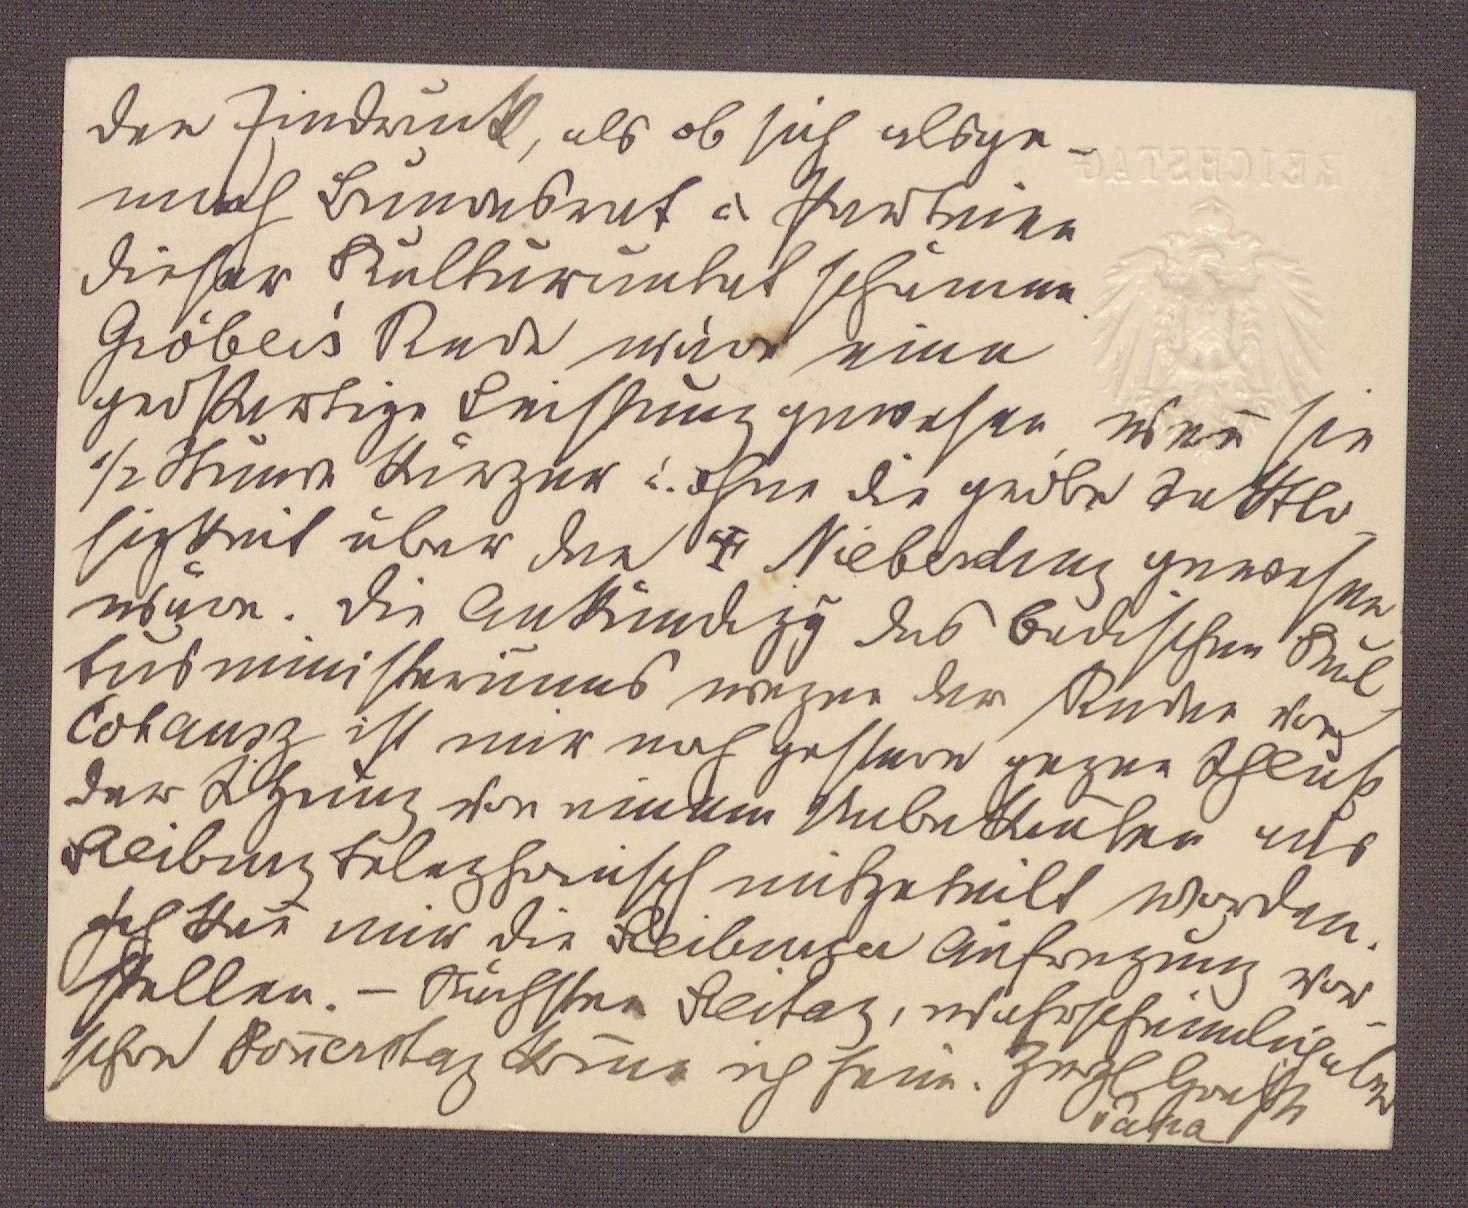 Postkarte von Constantin Fehrenbach, Berlin, an Elisabeth Rosset, Auseinandersetzungen in der Zentrumspartei und eine Rede von Adolf Gröber, Bild 2